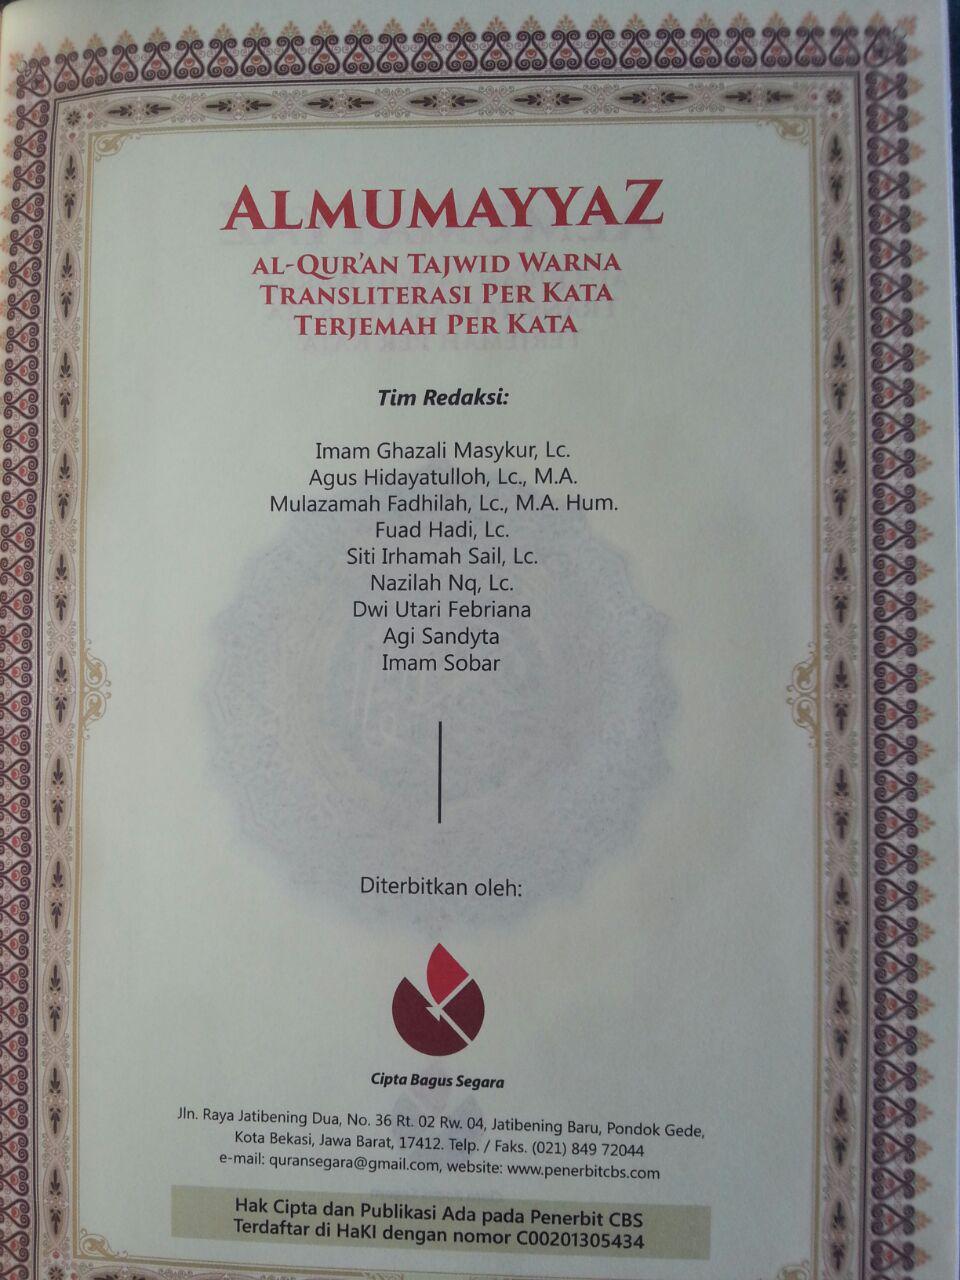 Quran AlMumayyaz Tajwid Warna Transliterasi Terjemah Perkata A5 isi